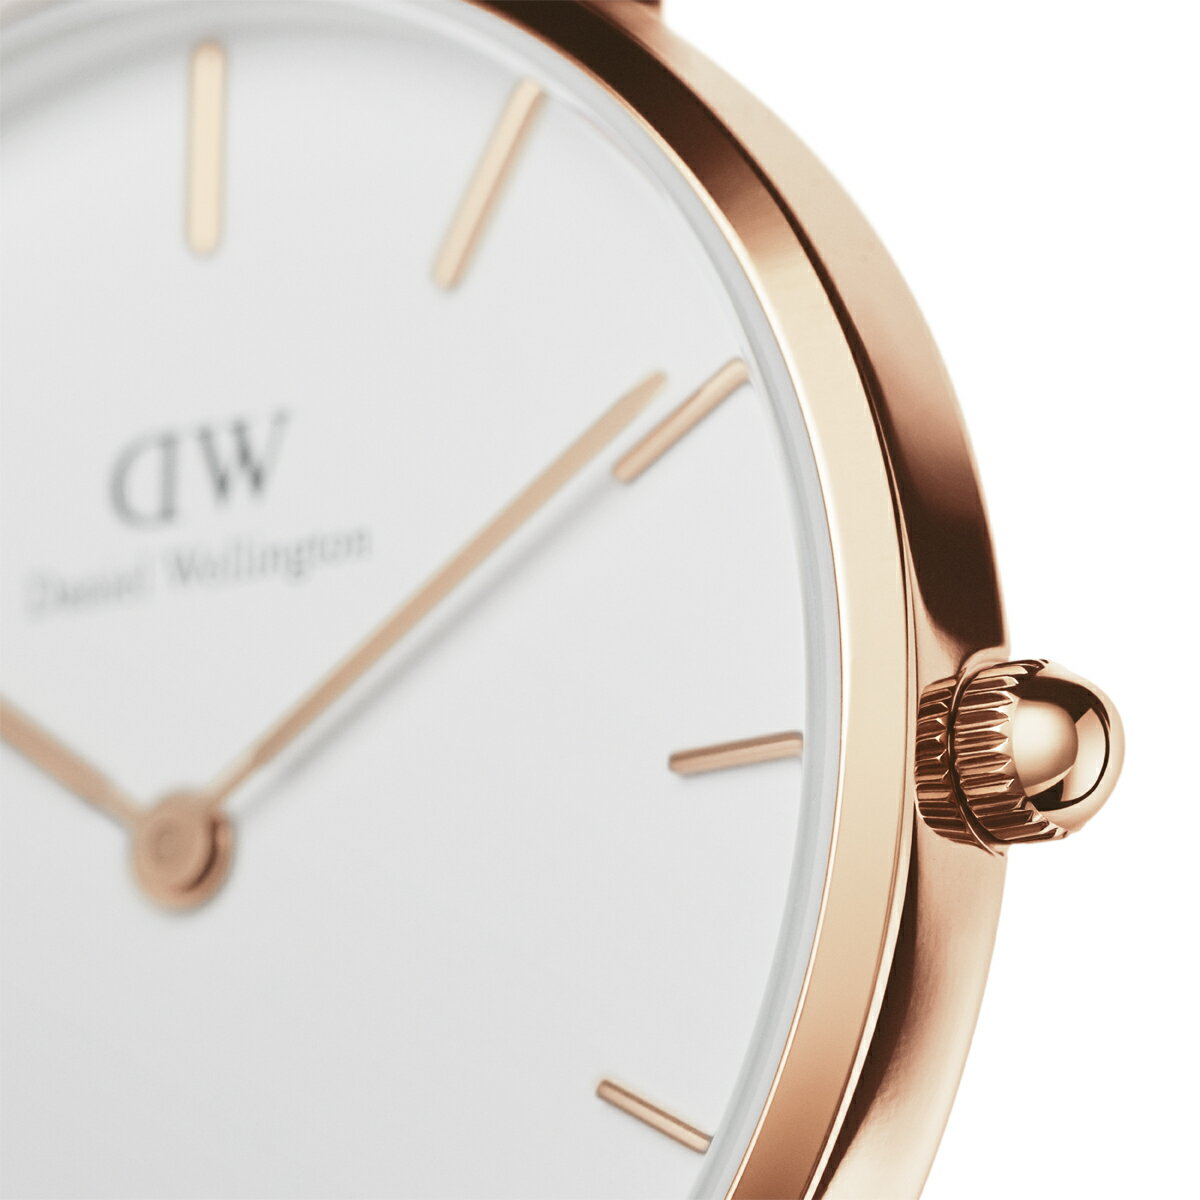 【公式2年保証/】ダニエルウェリントン公式 レディース 腕時計 Classic Petite St Mawes 32mm 革 ベルト クラシック ぺティート セント モース DW プレゼント おしゃれ インスタ映え ブランド 彼女 彼氏 ペアスタイルに最適